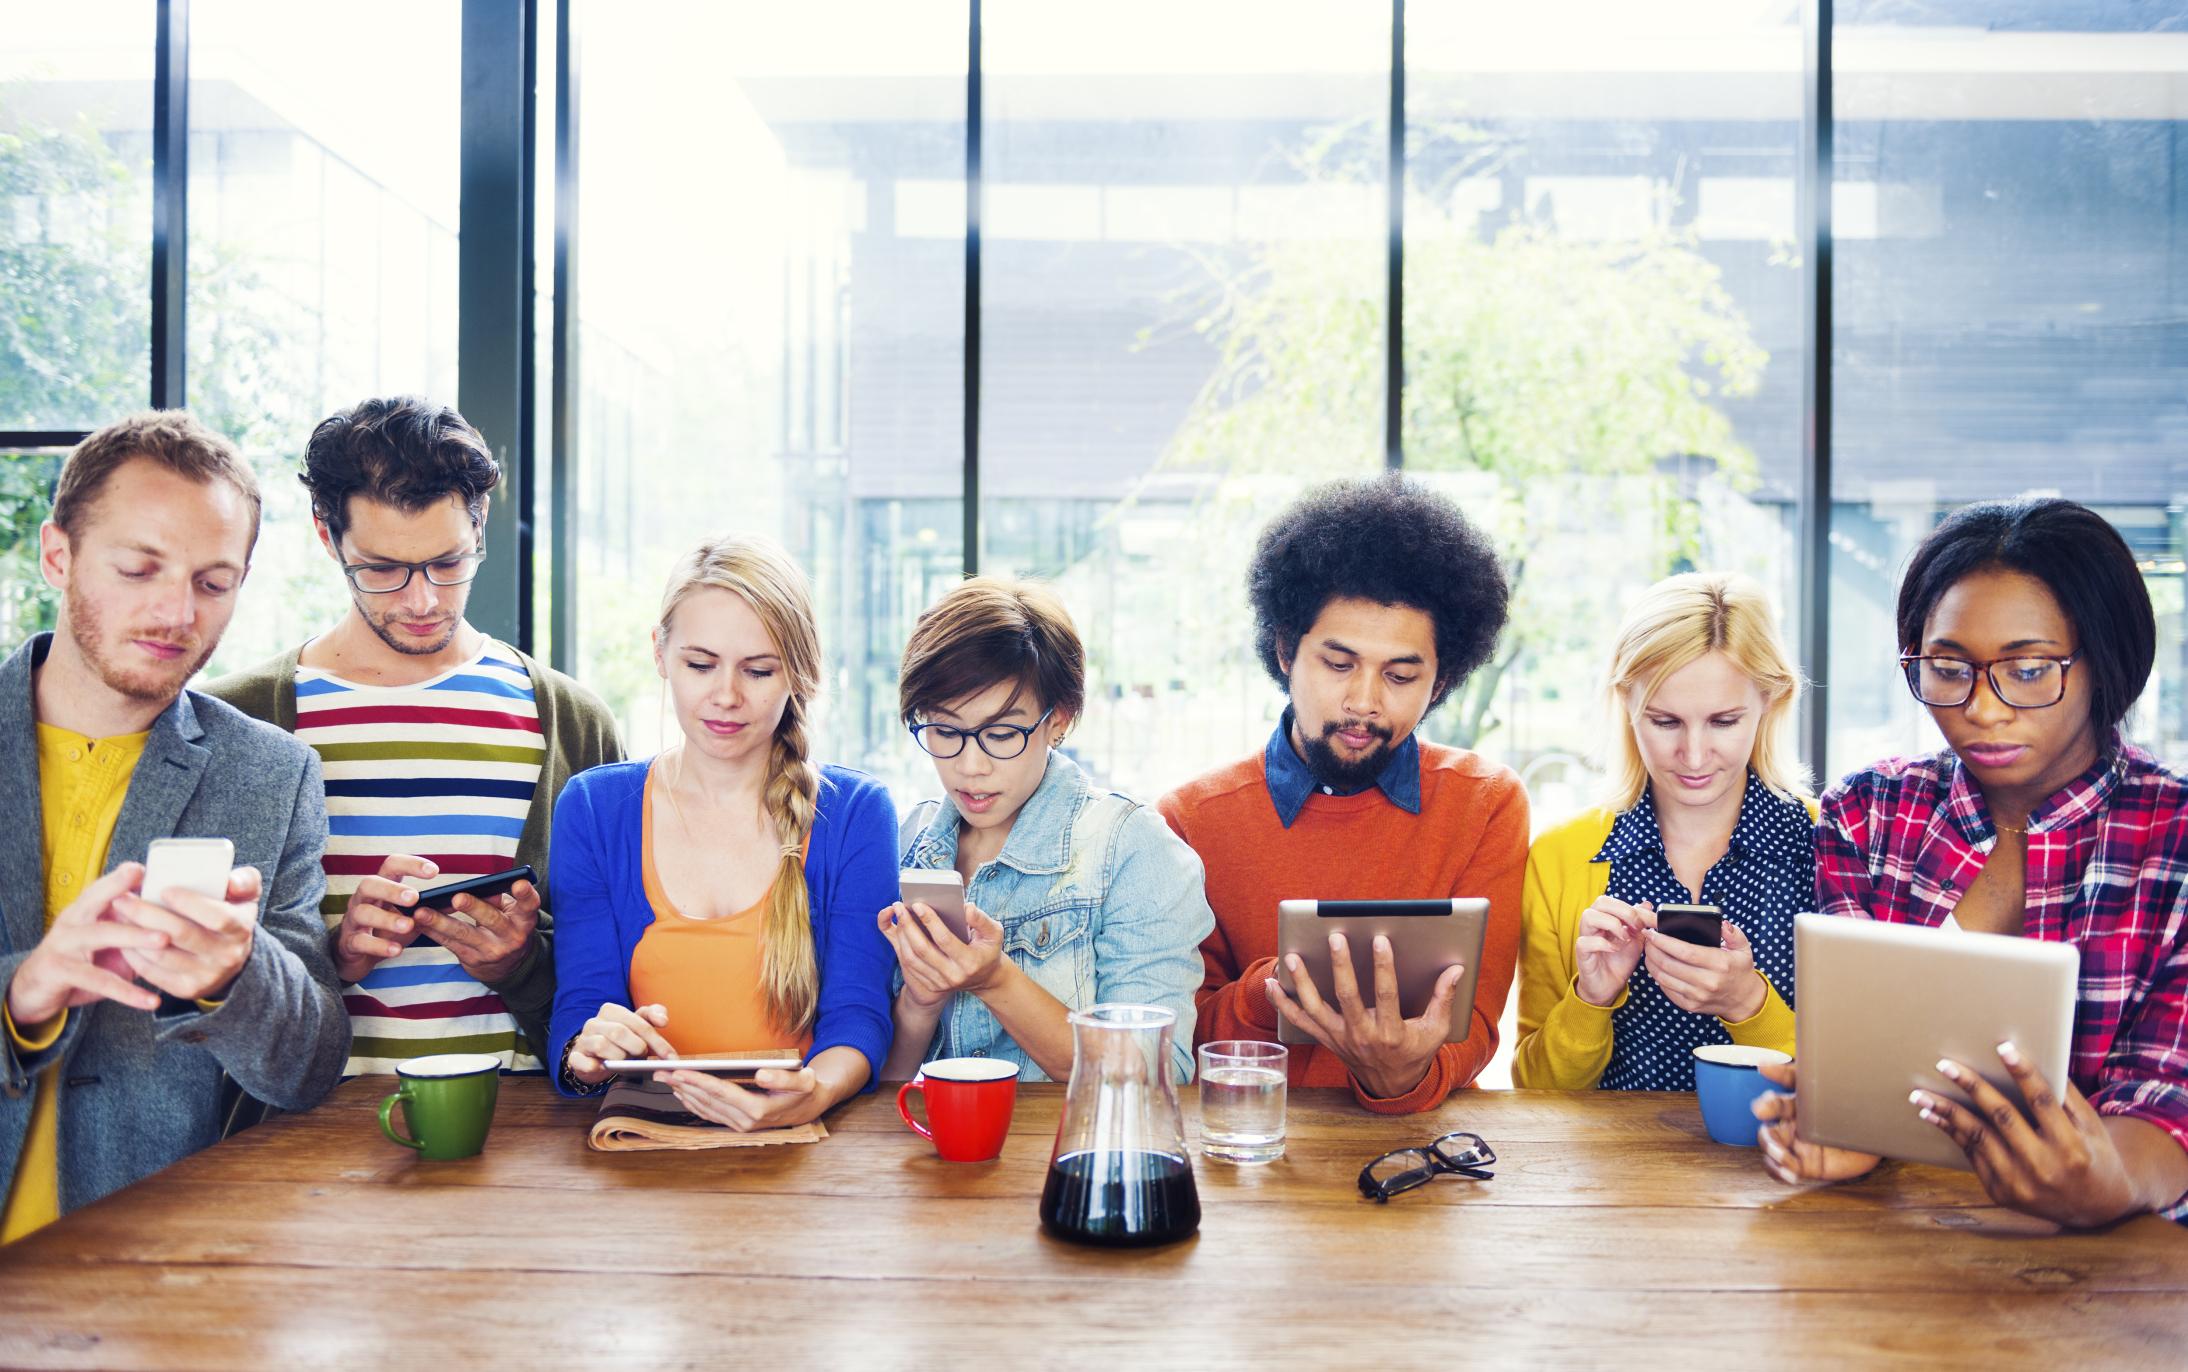 Conviviendo con los Millennials